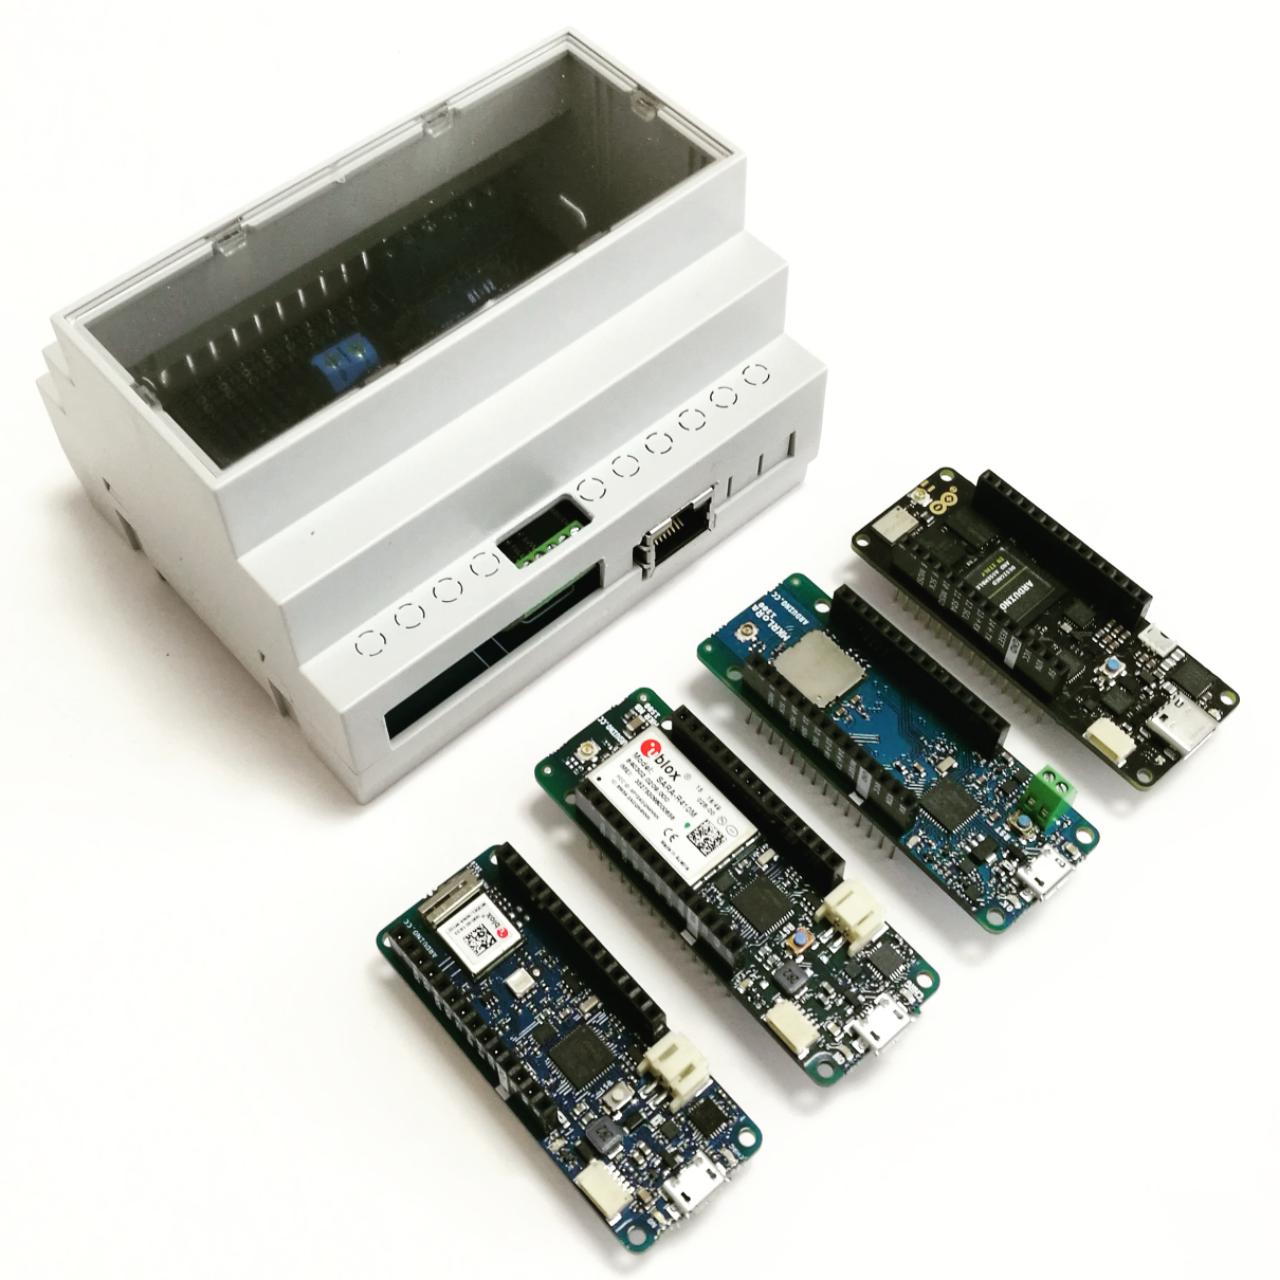 ArduiBox MKR Gehäuse Kit mit verschiedenen MKR Boards